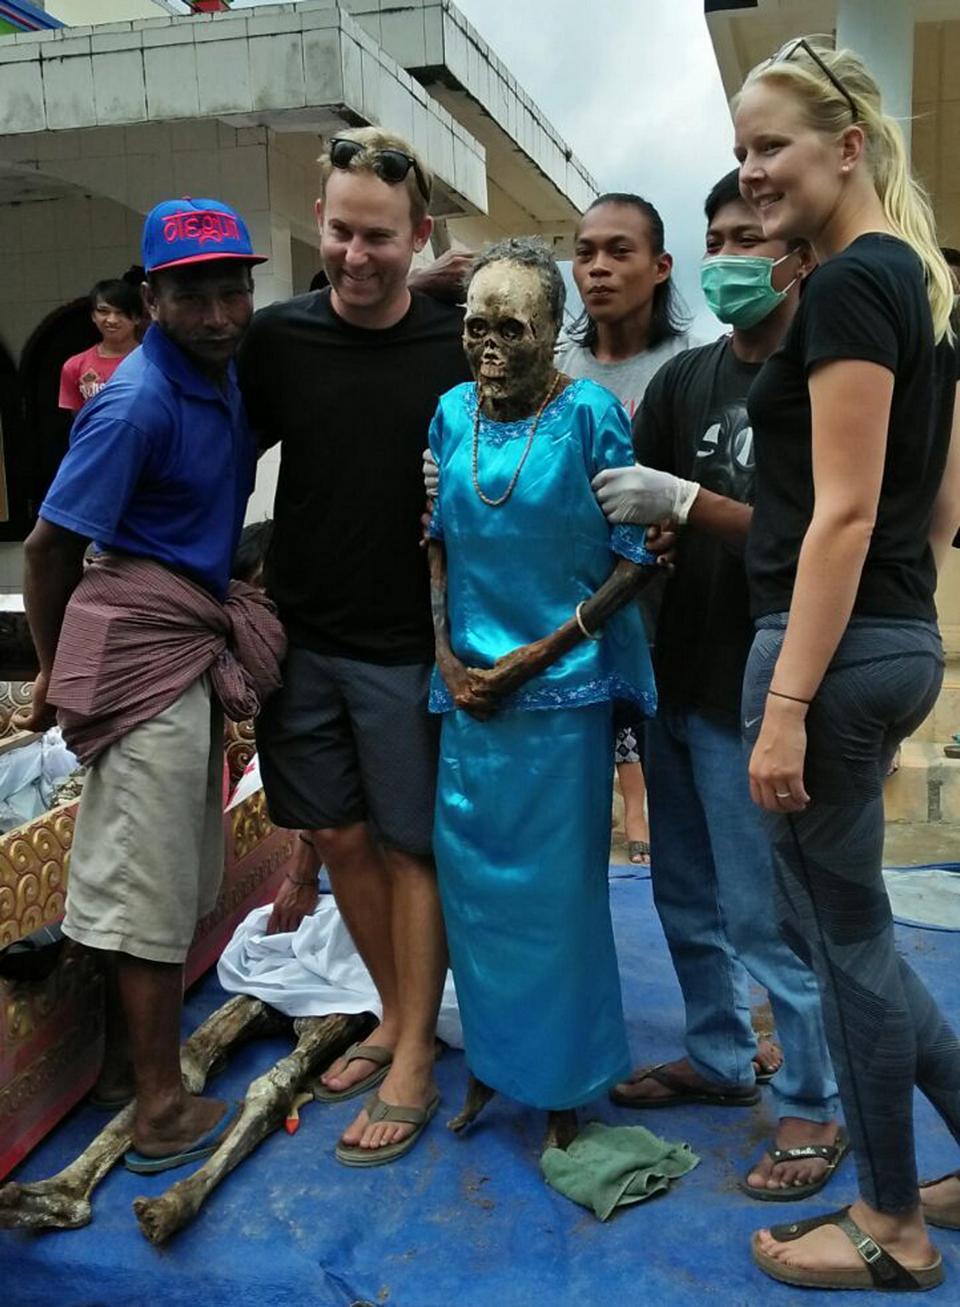 【奇習】インドネシア スラウェシ島に伝わる奇妙は風習、遺体を囲んでなんか楽しそう・・・・・(画像)・7枚目